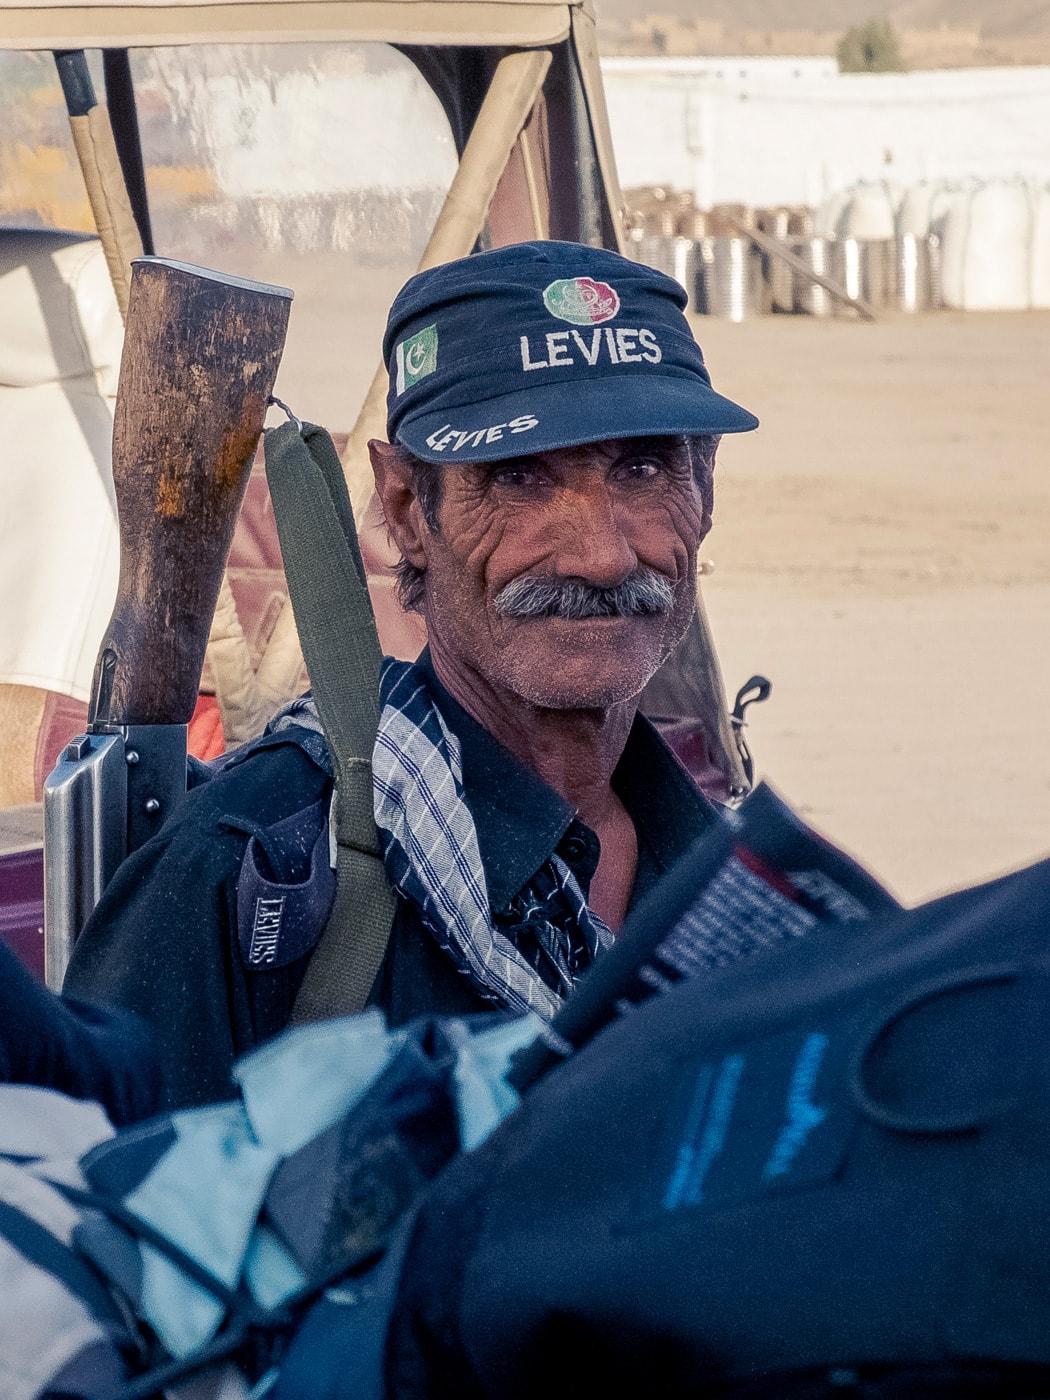 la scorta pakistan levies veterano